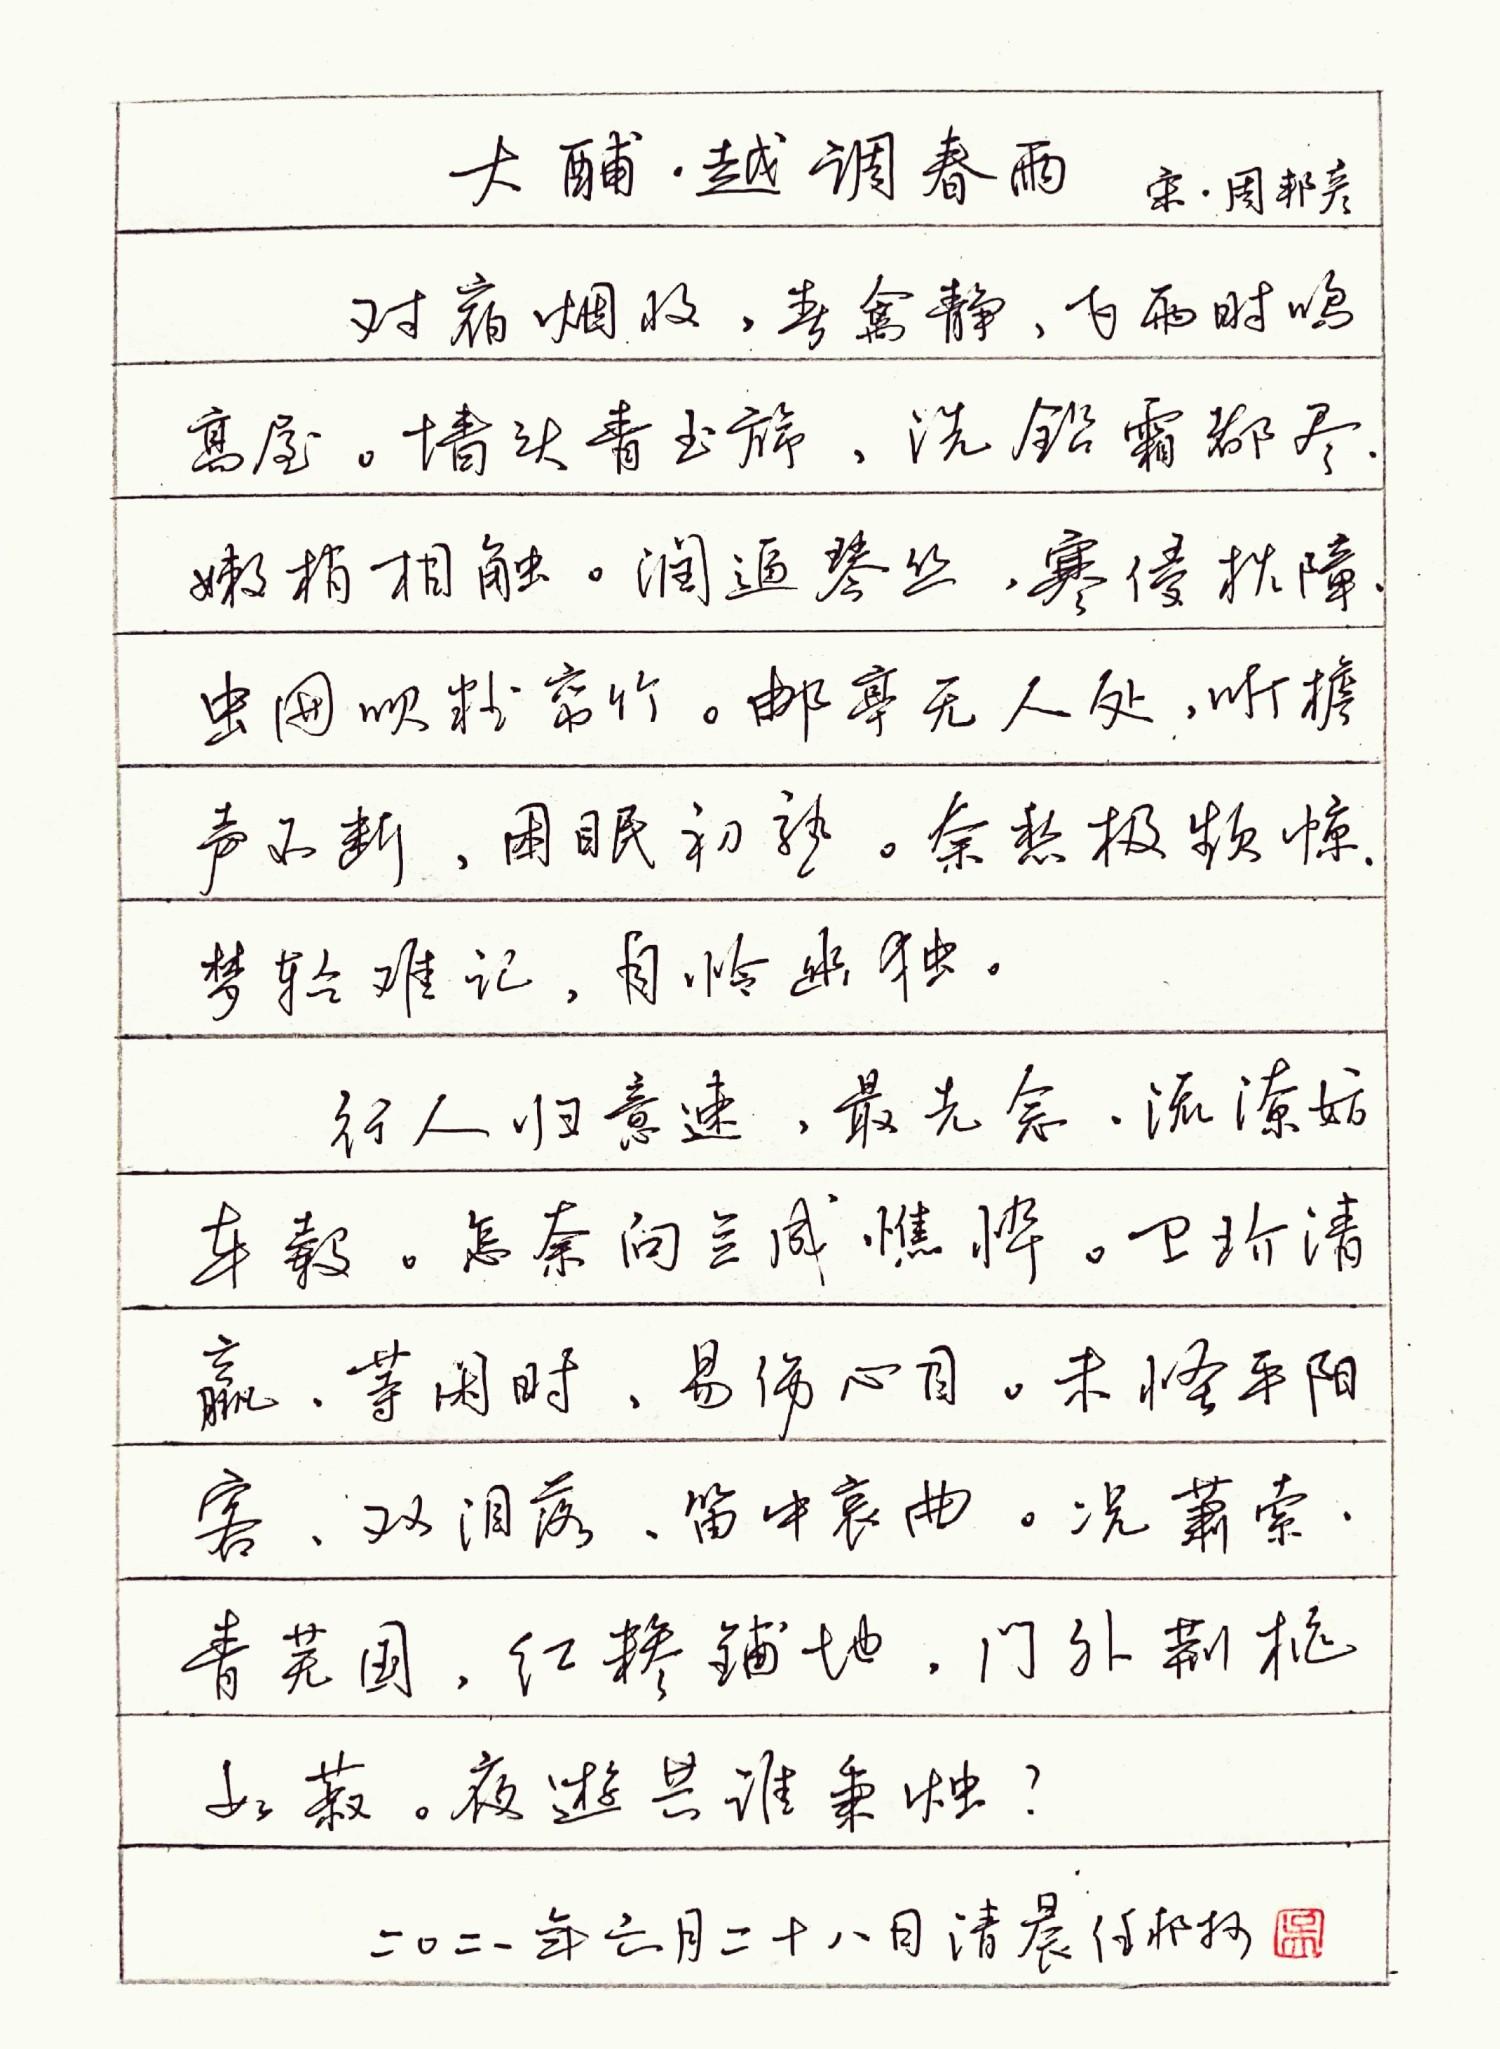 钢笔书法练字打卡20210629-17